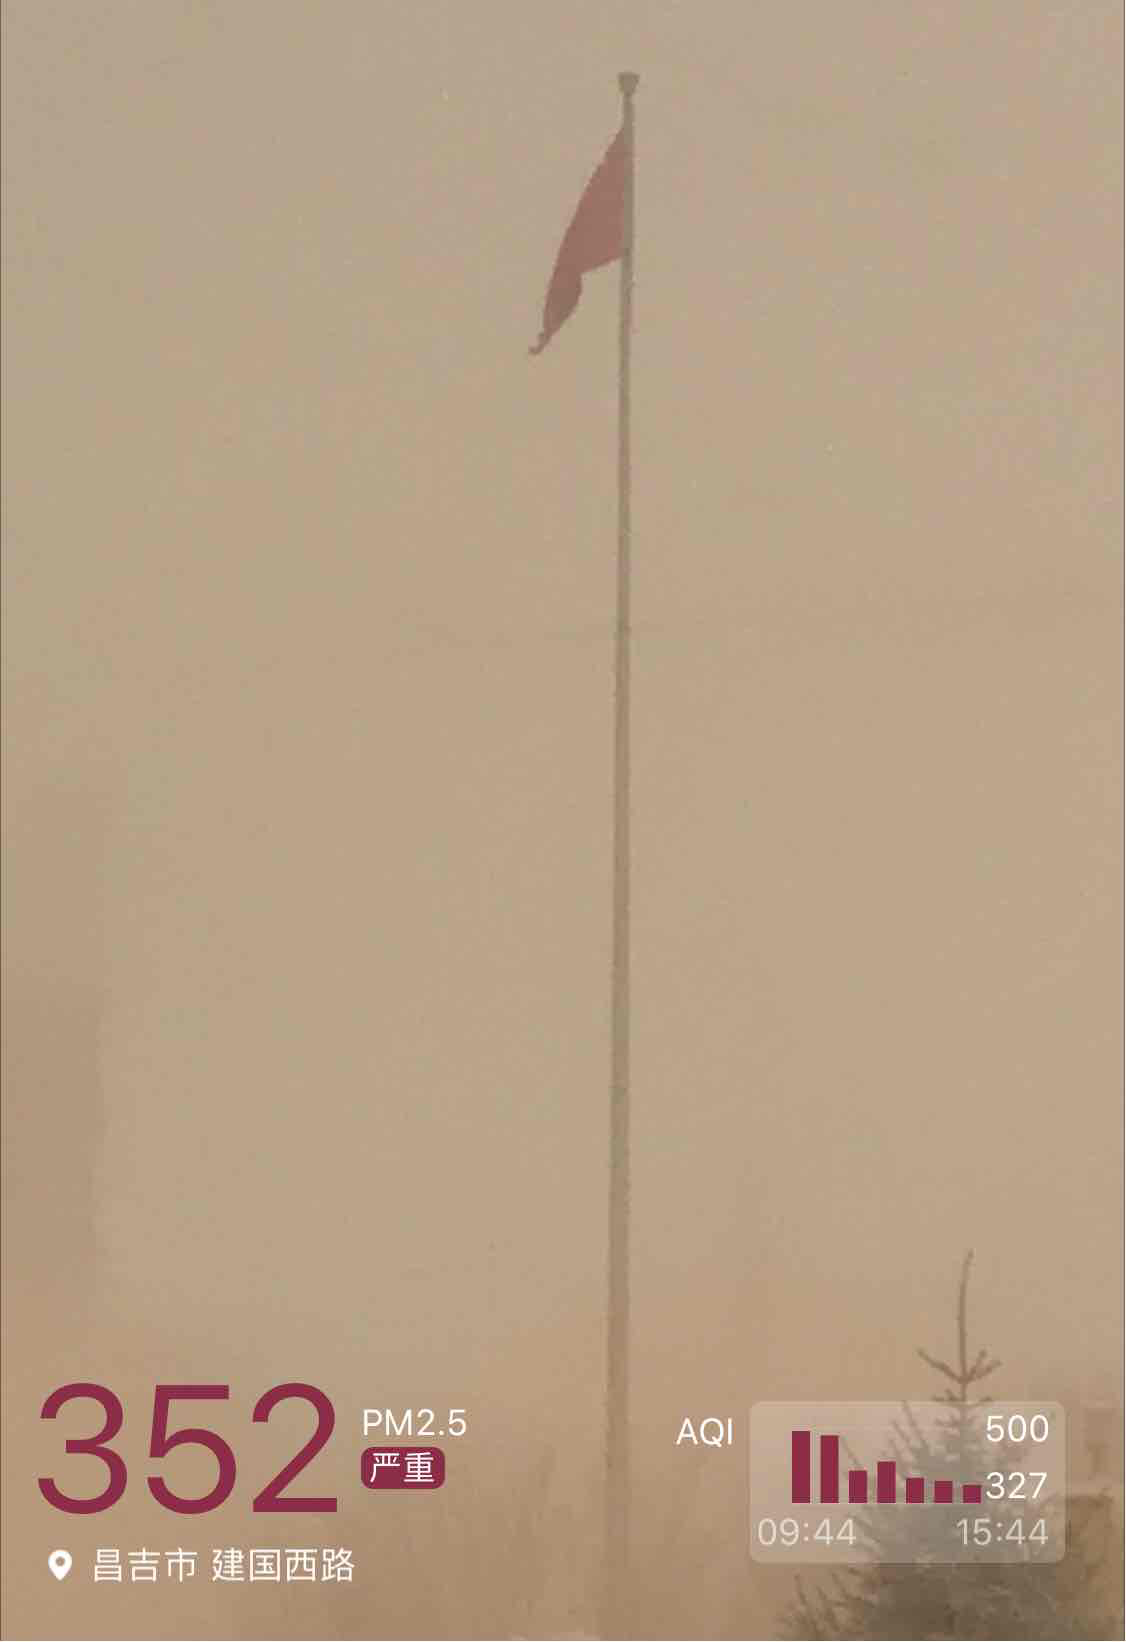 昌吉市天气预报